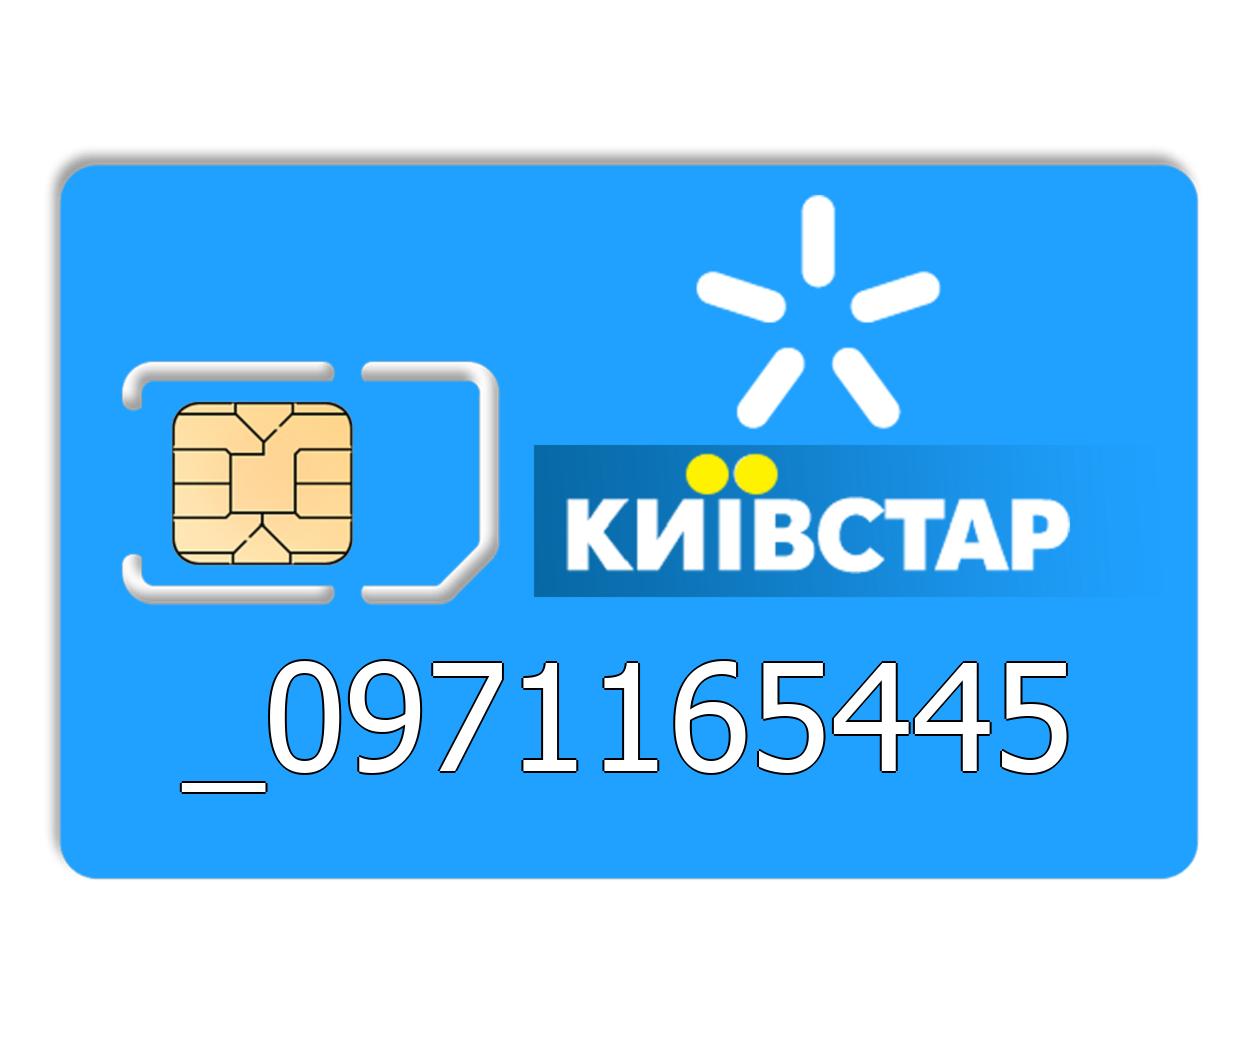 Красивый номер Киевстар 097-116-54-45